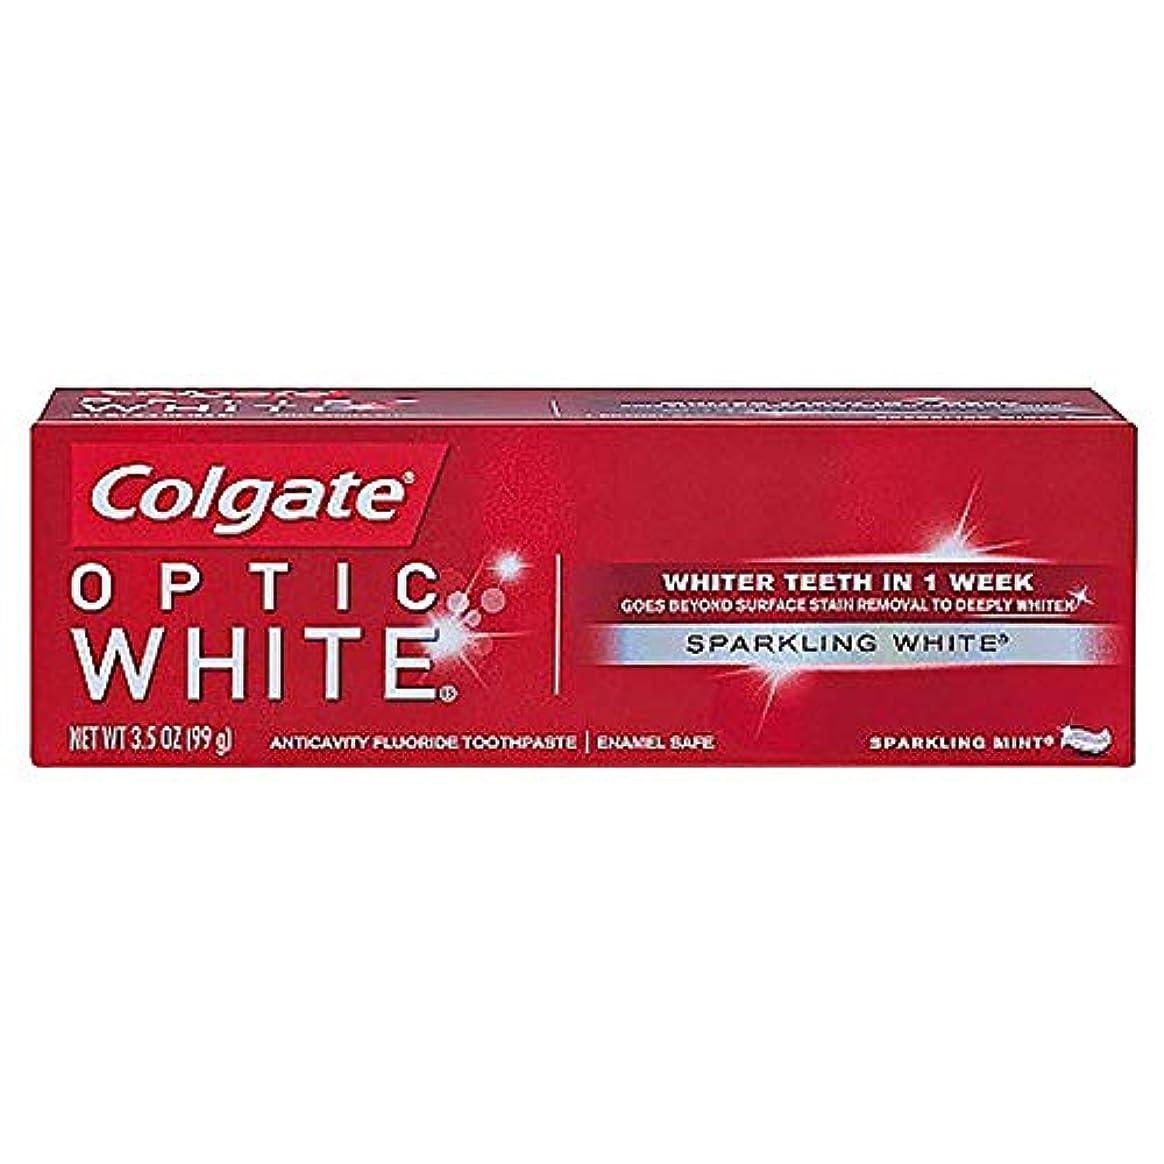 超越するボタン電話コルゲート ホワイトニング Colgate Optic White Sparkling White 99g 白い歯 歯磨き粉 ミント